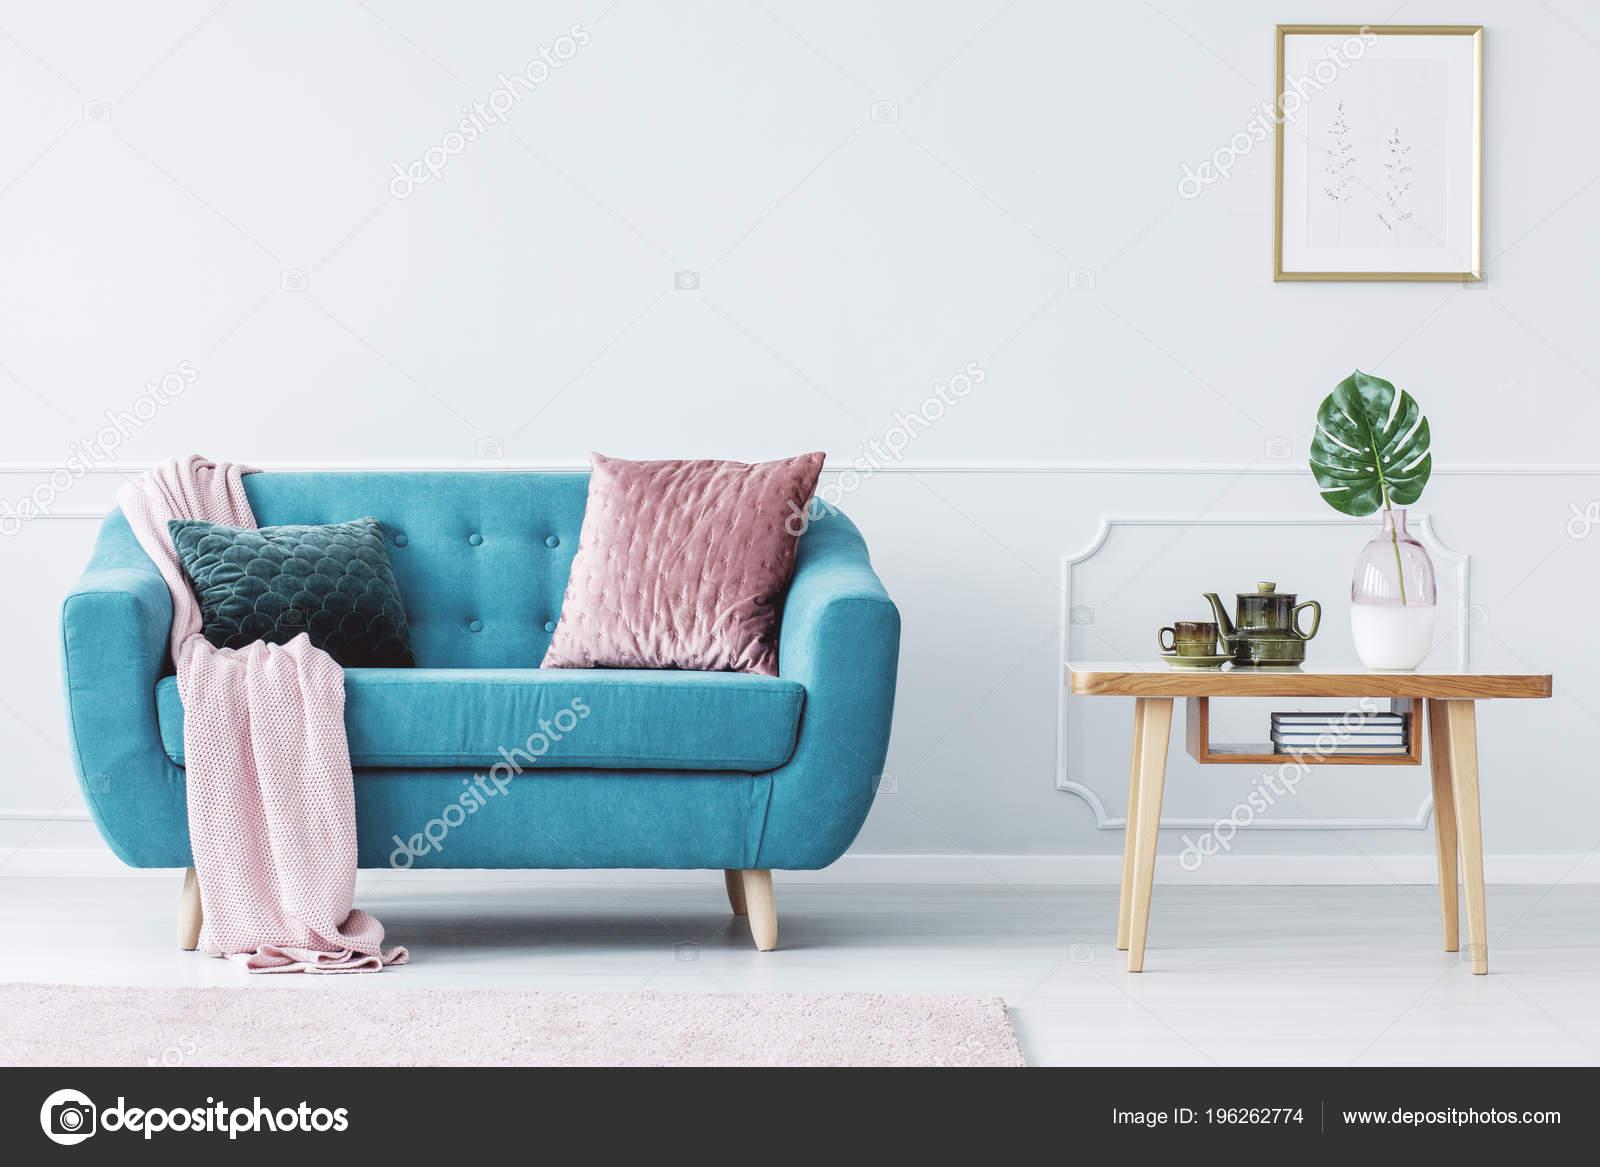 coussin rose sur canape turquoise cote table bois pastel salon photo